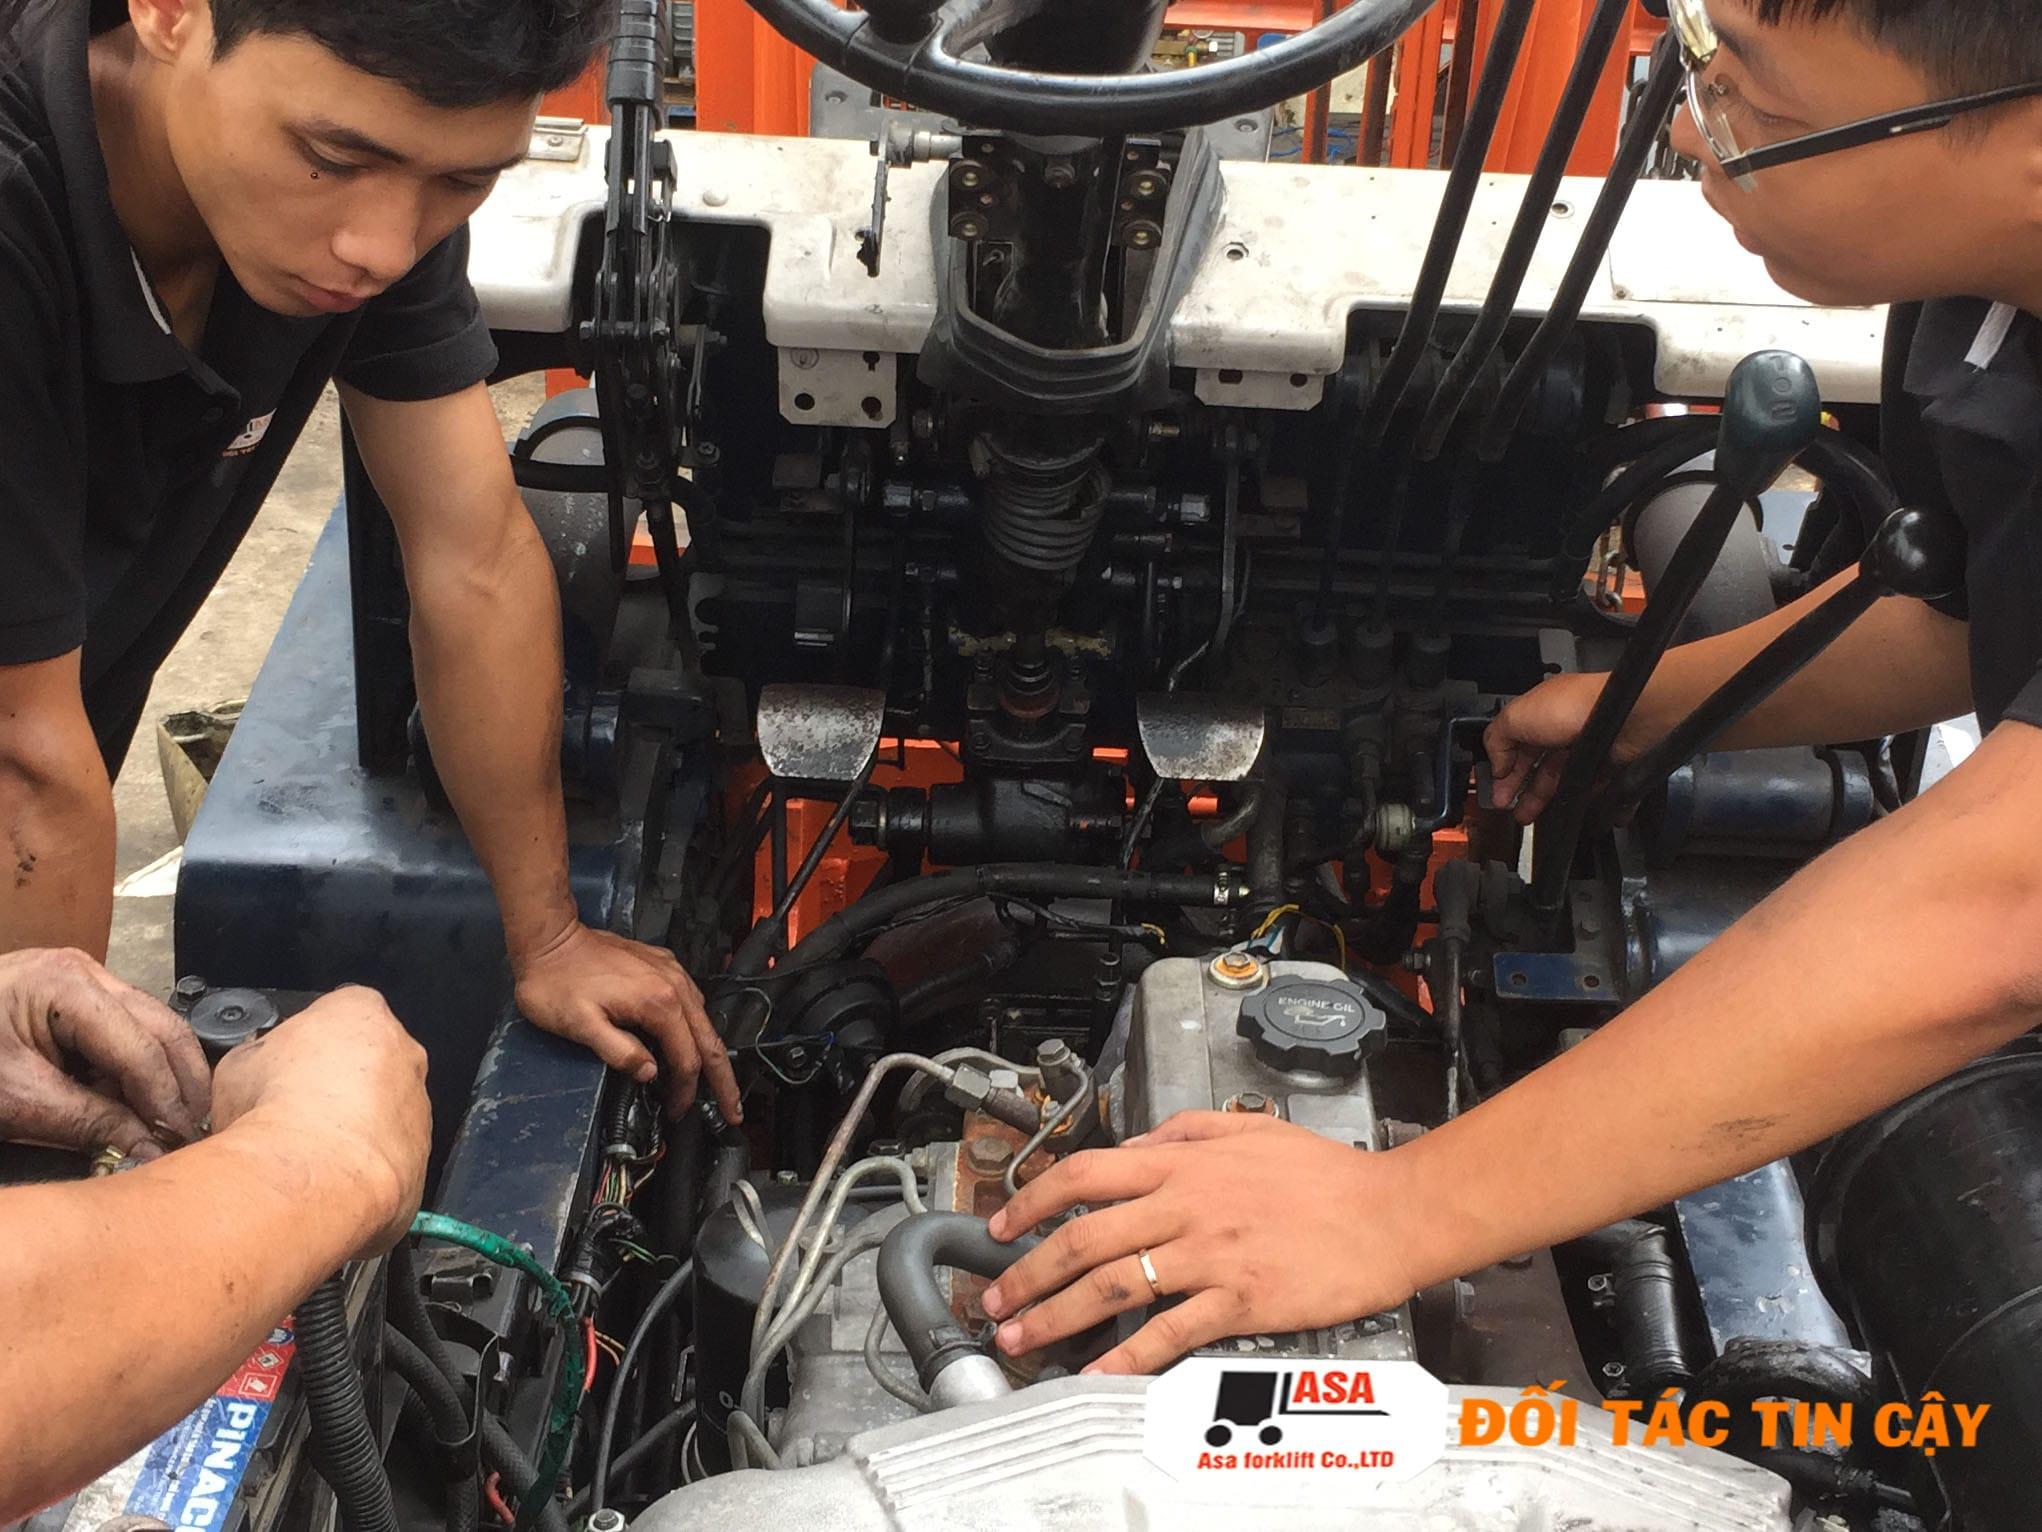 Sửa chữa xe nâng tại TP. HCM giúp các doanh nghiệp xử lý và khắc phục những hư hỏng của xe nâng hàng